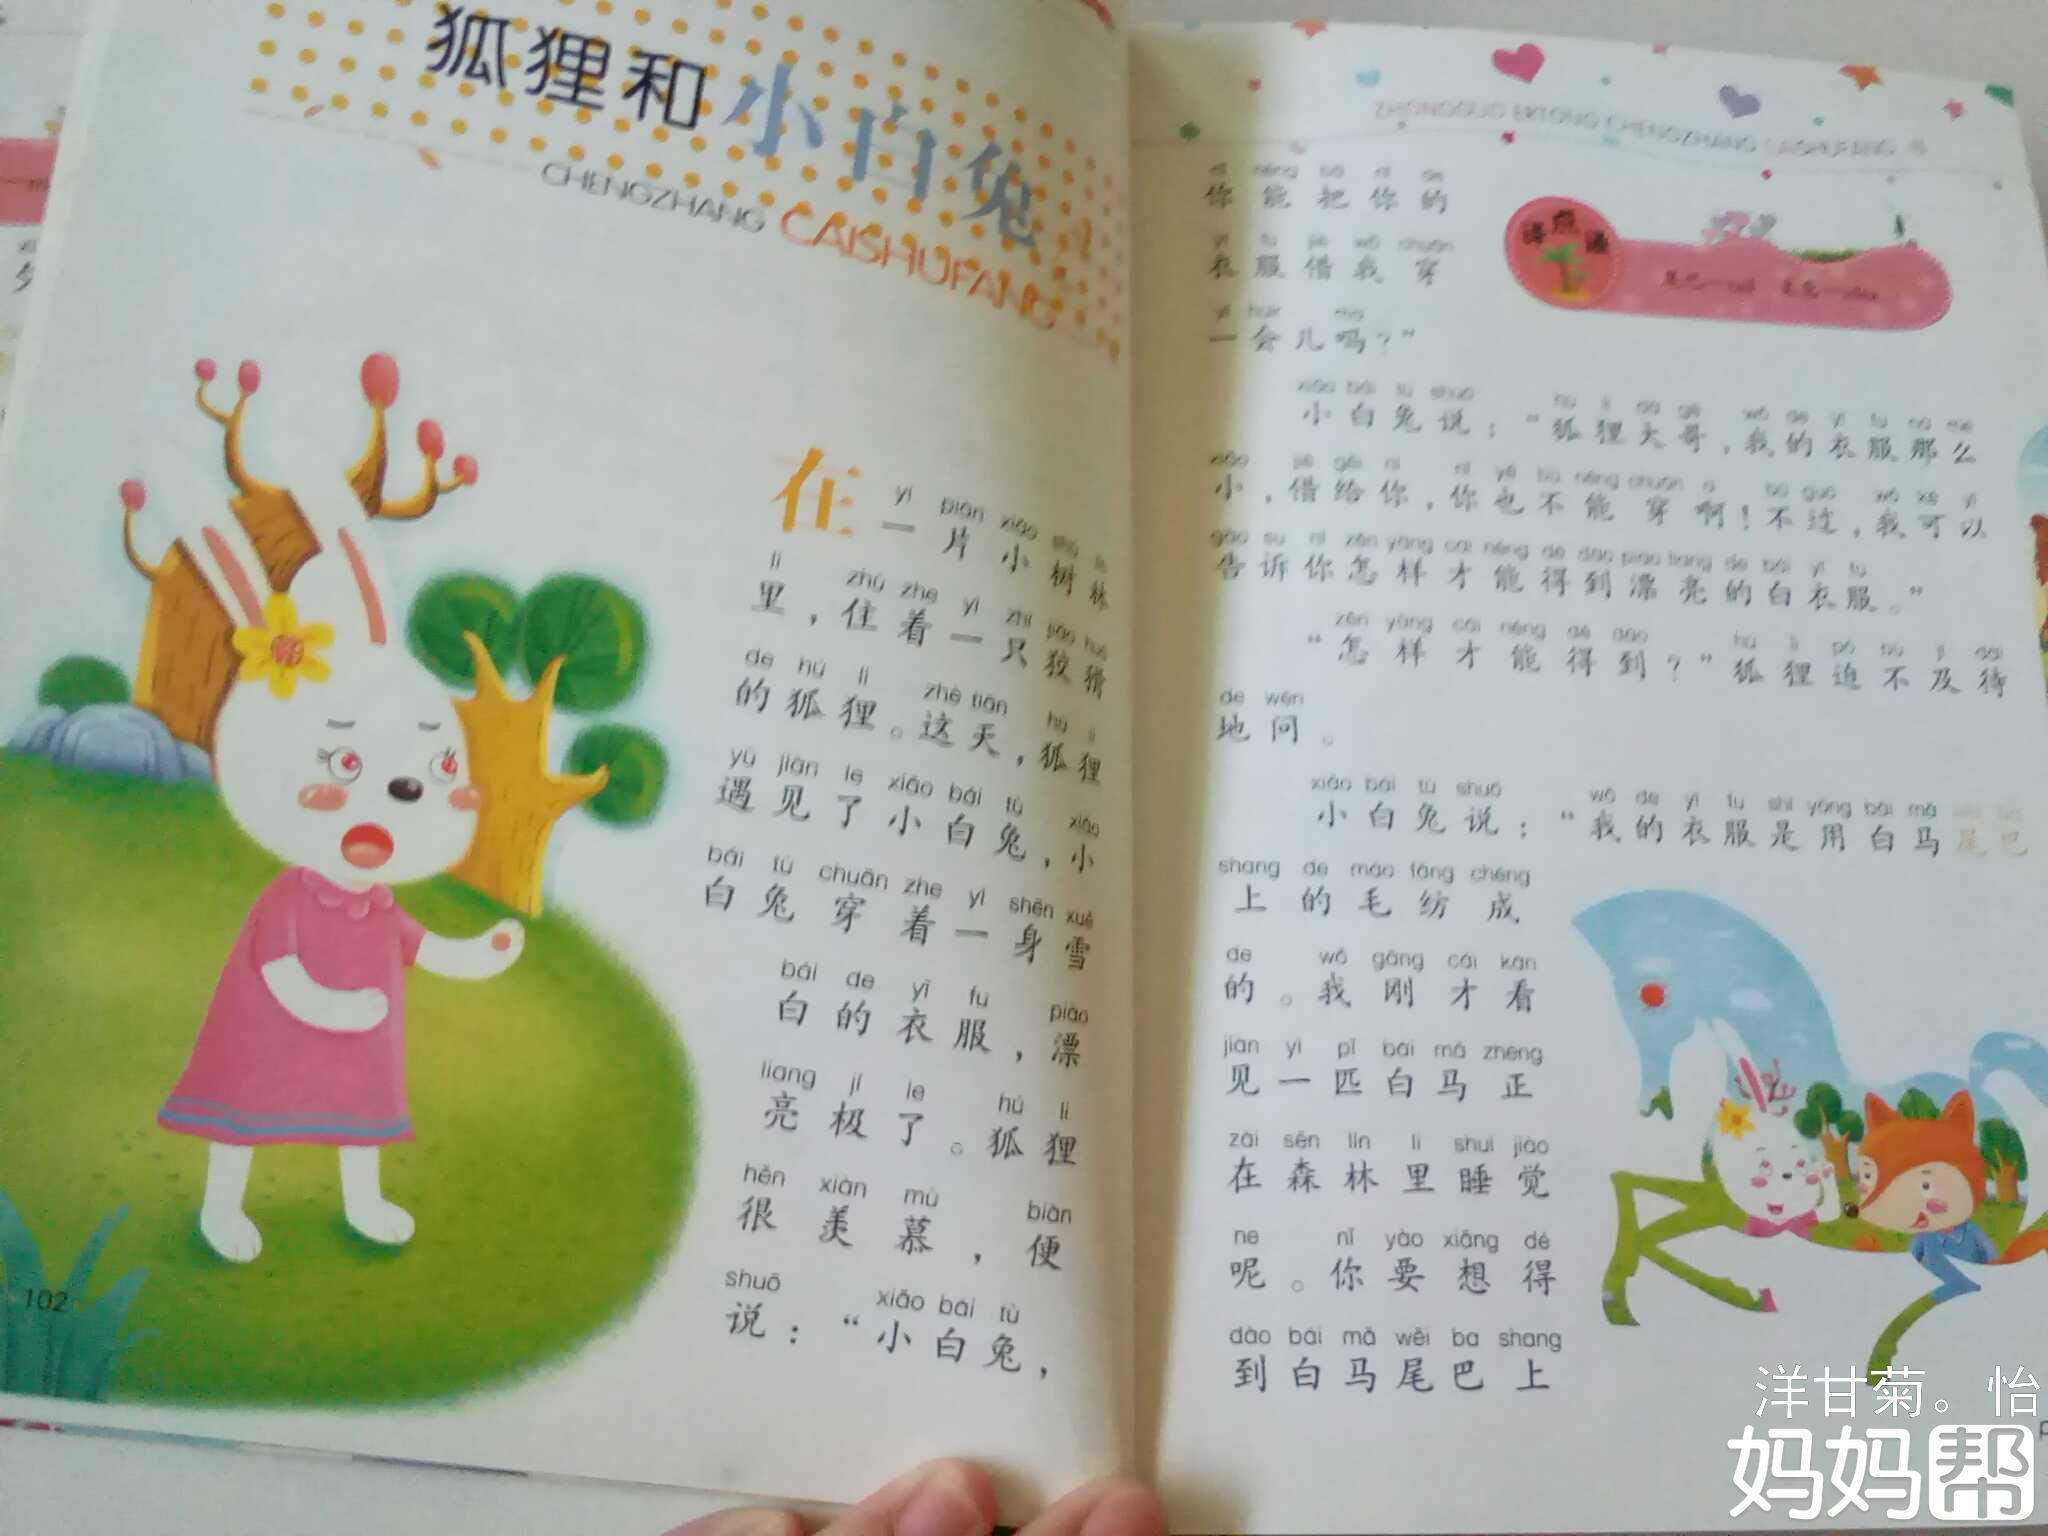 小学生  【书籍简介】:从一年级做起,建议我大宝宝开始默读童话故事图片